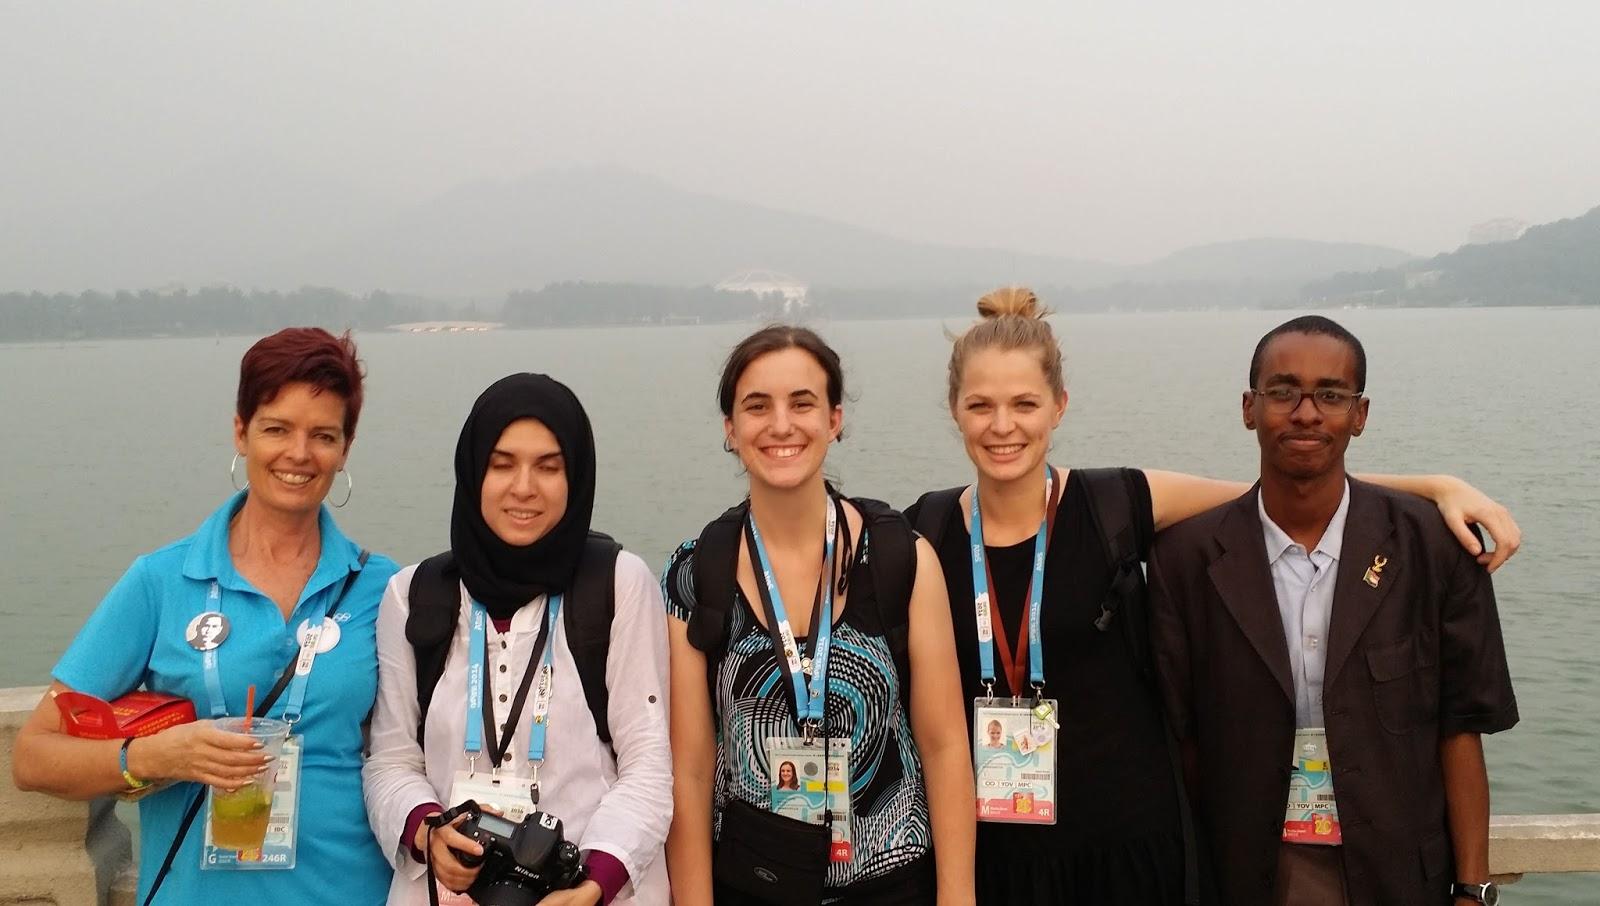 السفير سعيد وسفيرة الولايات المتحدة، نيوزيلندا، الجزائر والإعلامية تريسي هولمز